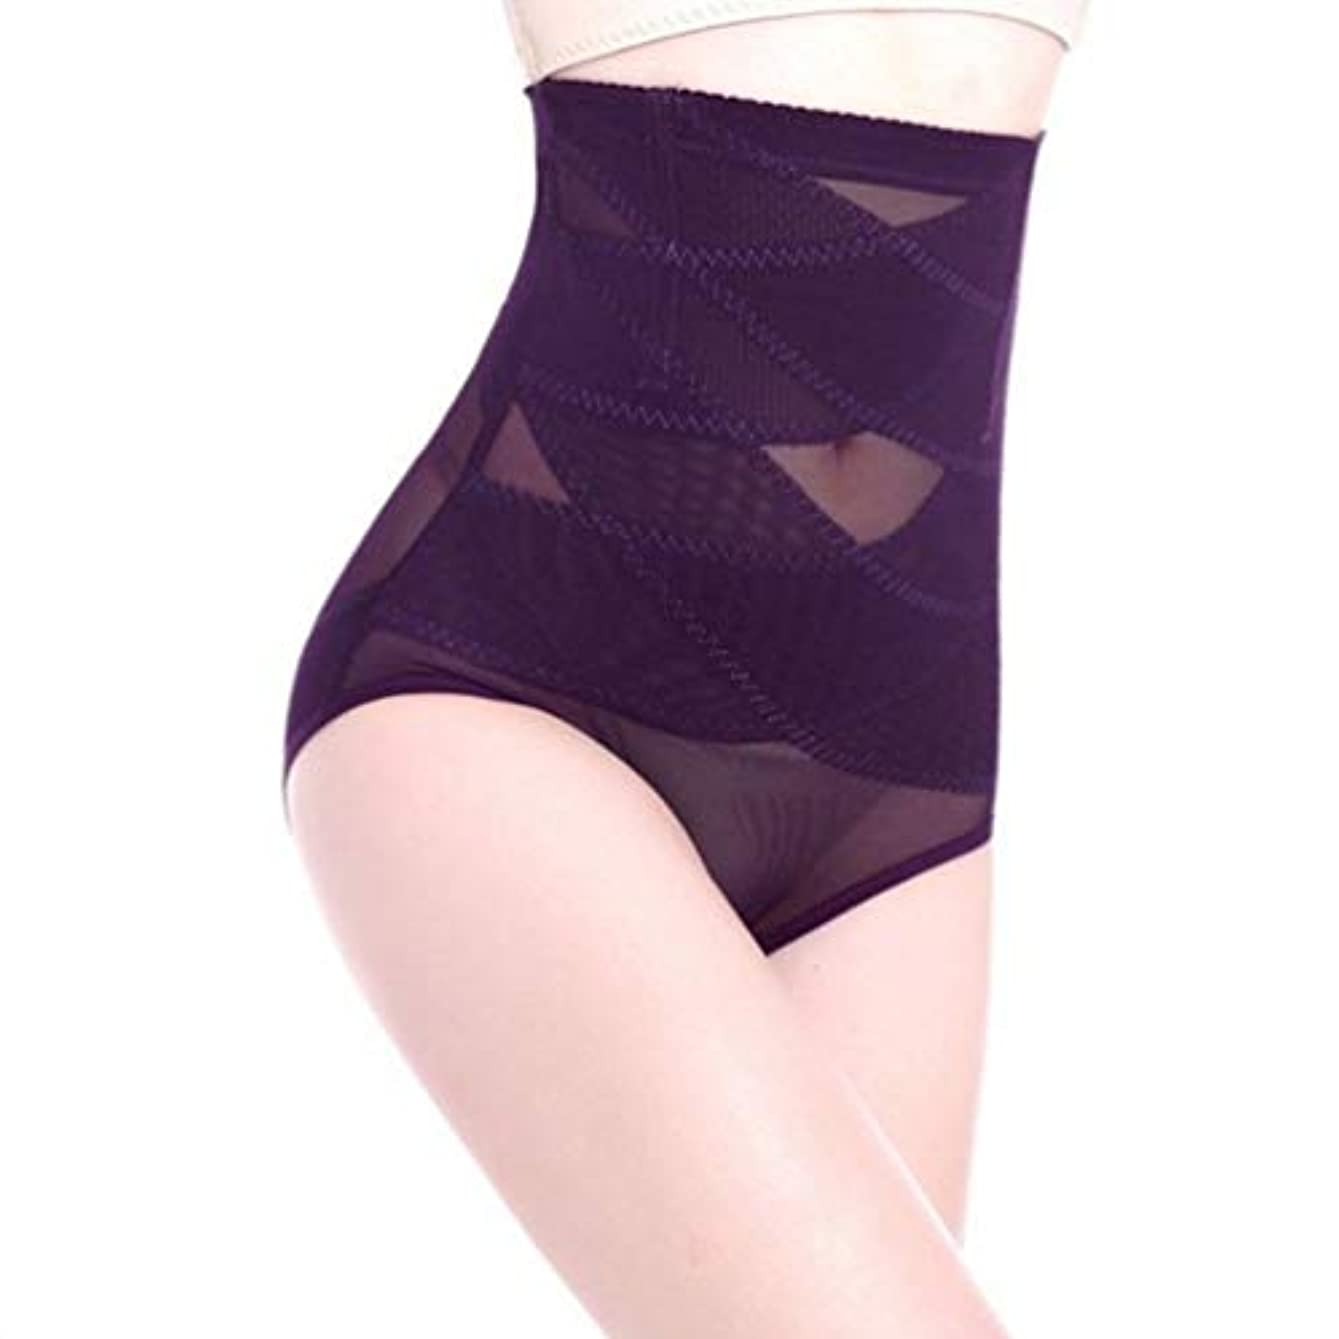 マザーランド定期的なアンタゴニスト通気性のあるハイウエスト女性痩身腹部コントロール下着シームレスおなかコントロールパンティーバットリフターボディシェイパー - パープル3 XL